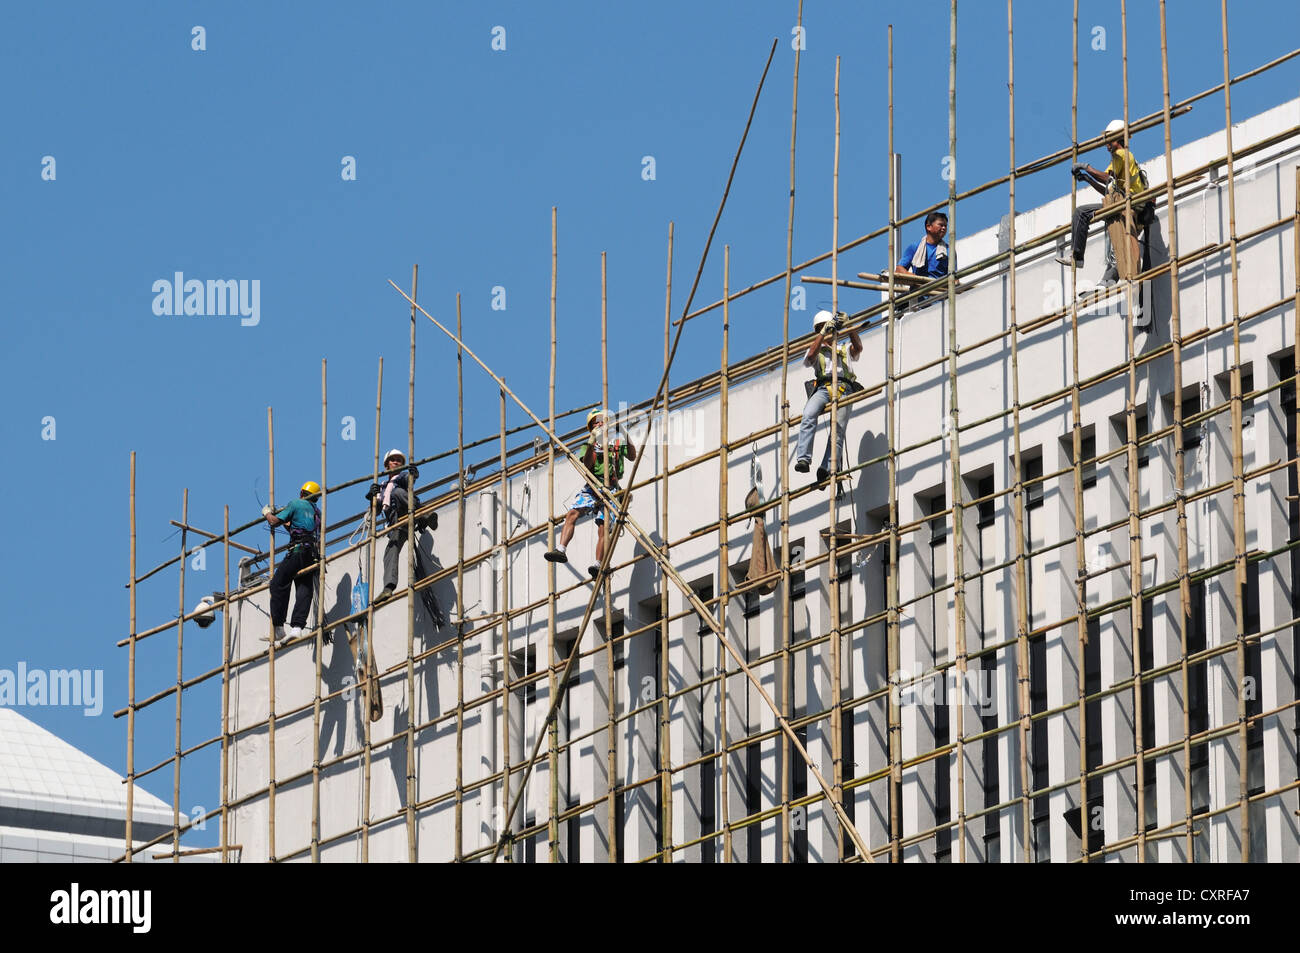 Scaffolding consisting of bamboo, Hong Kong Island, China, Asia - Stock Image